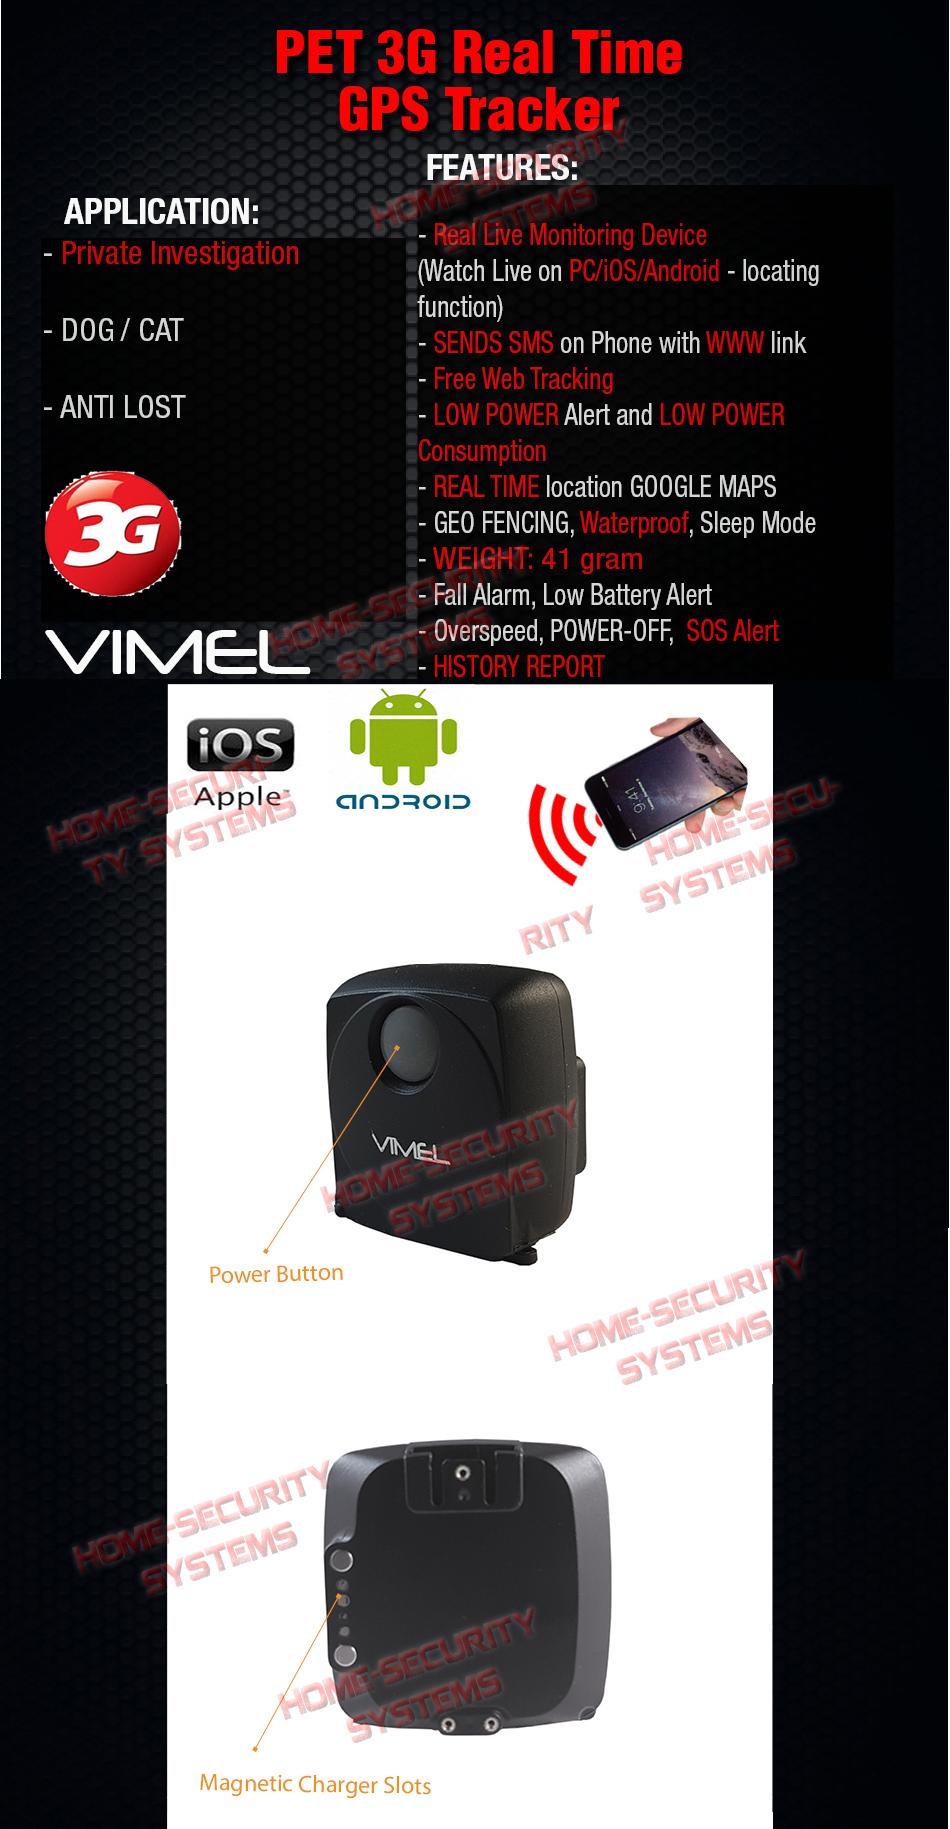 3g gps tracker vimel pet cat dog free web real time live. Black Bedroom Furniture Sets. Home Design Ideas